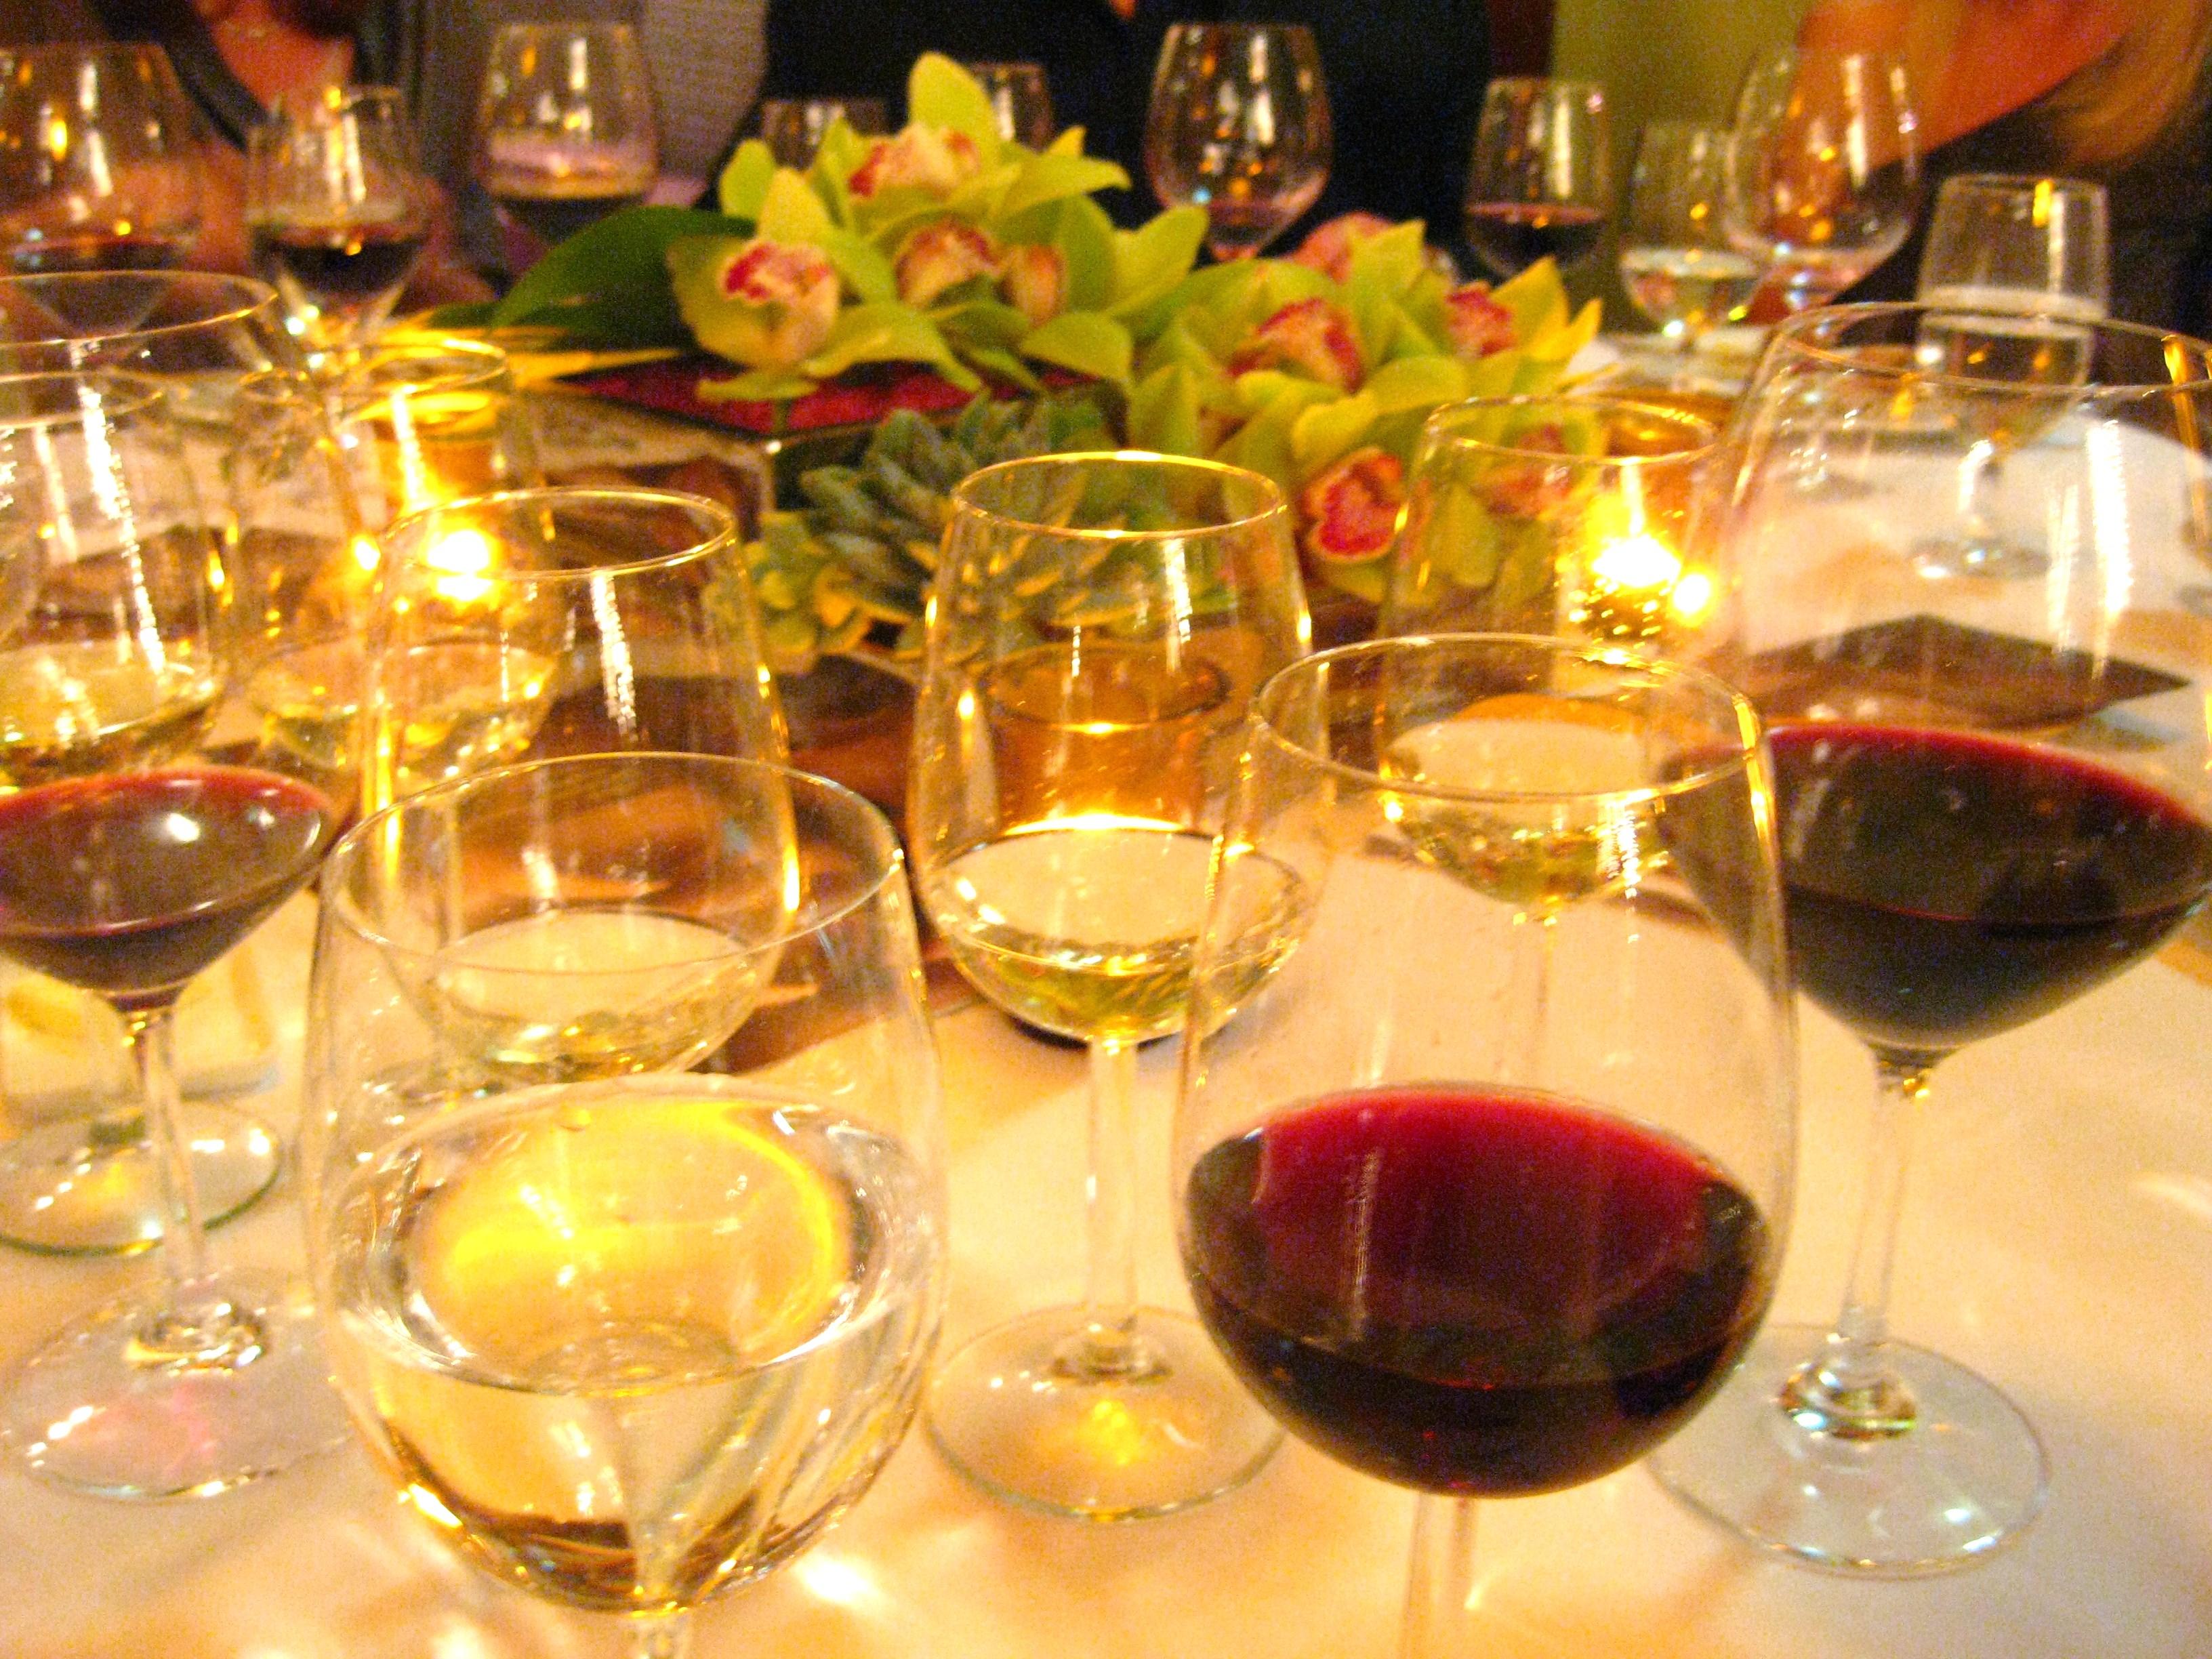 Many wines...